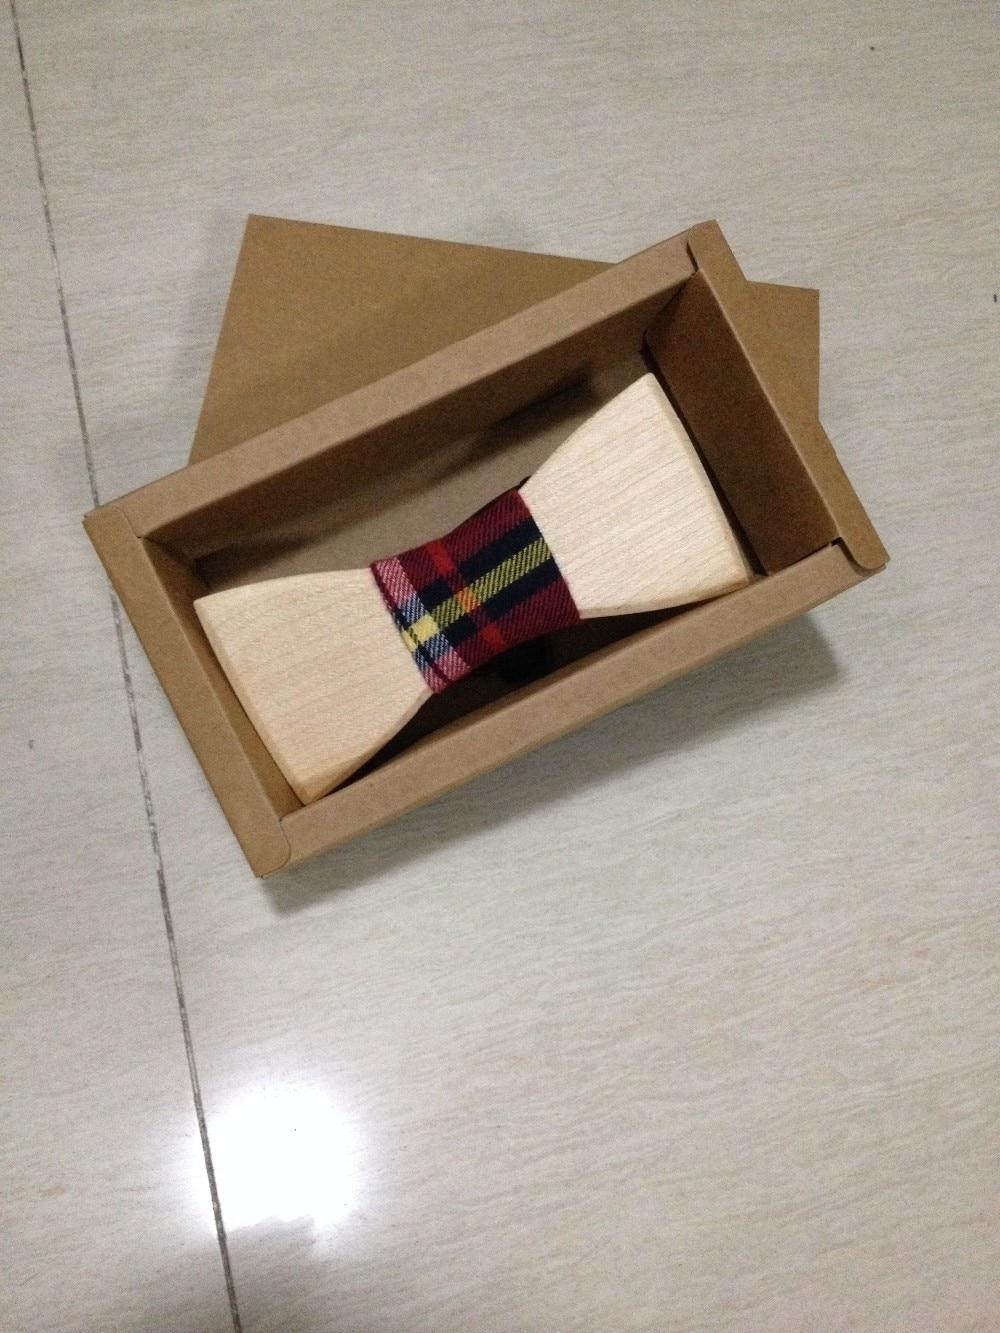 Новинка, модный галстук-бабочка с бантом, деревянный ручной галстук-бабочка на свадьбу, мужской подарок